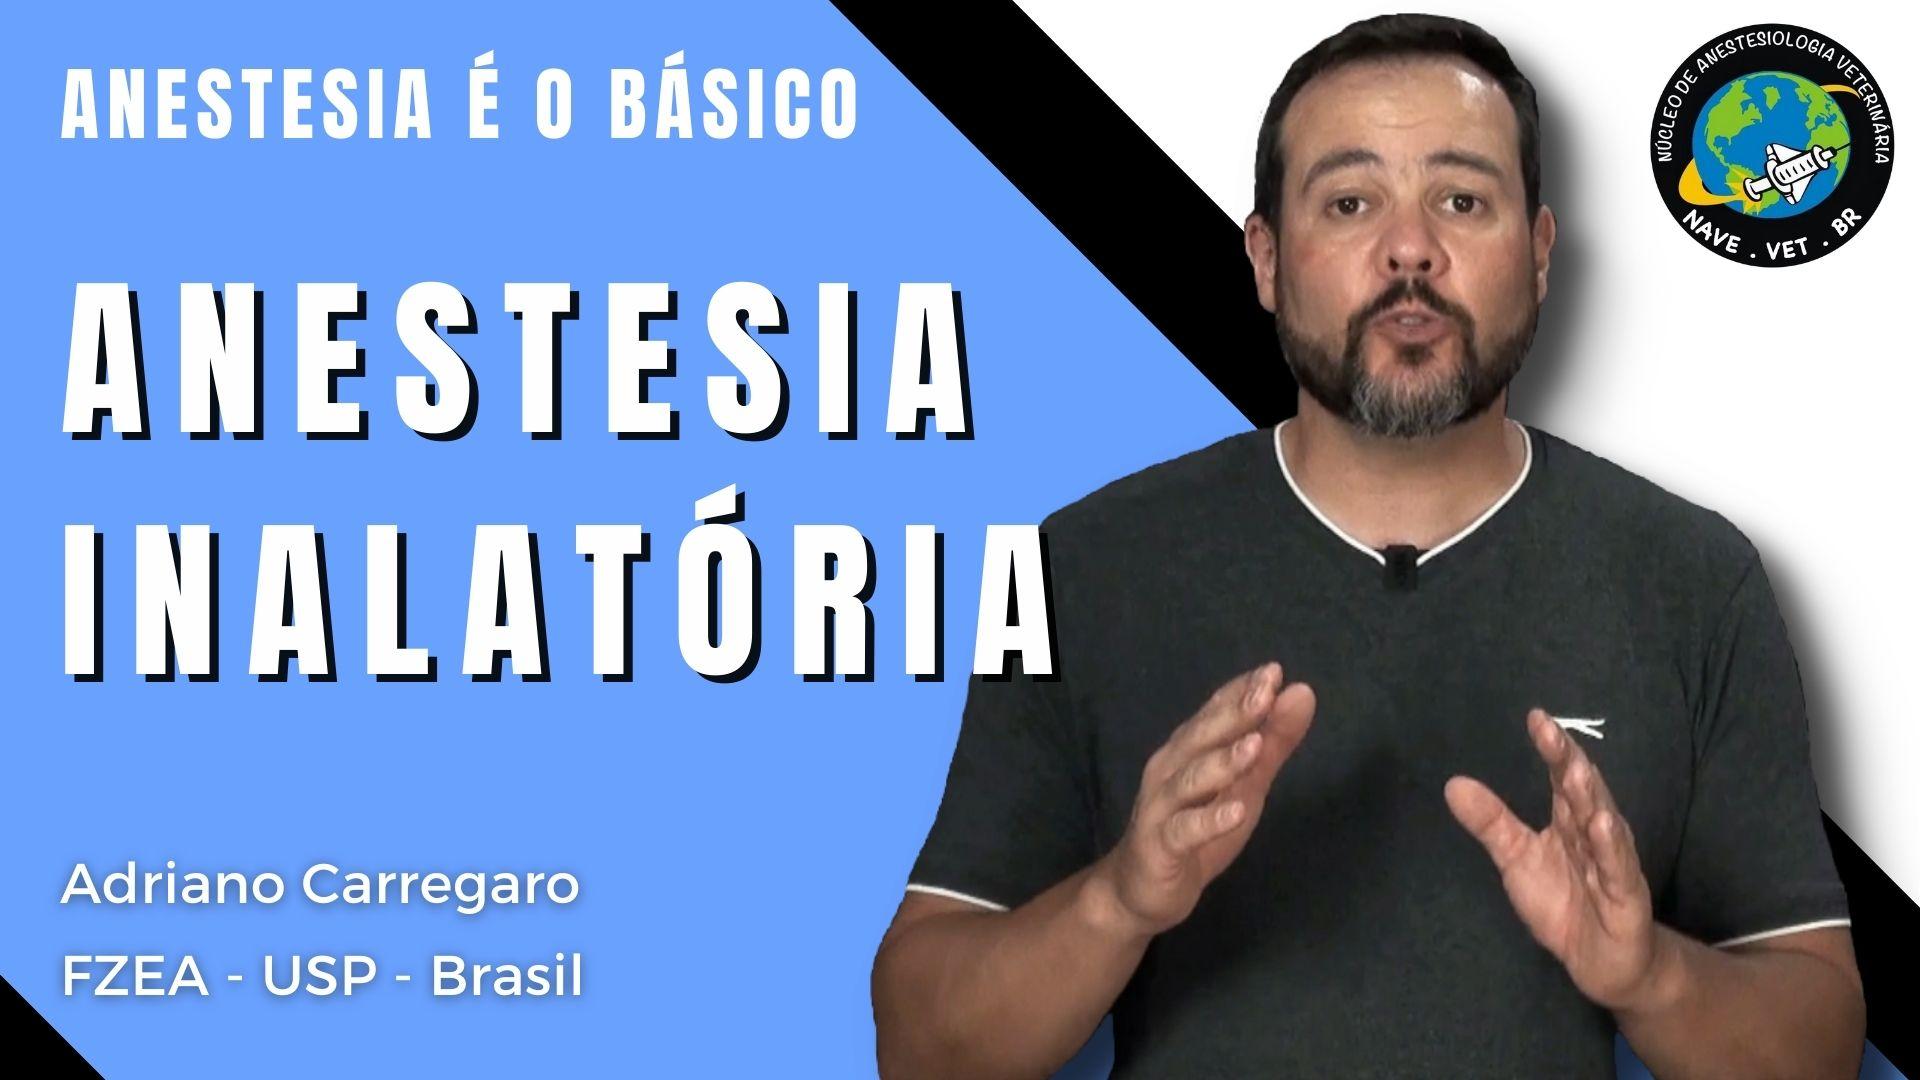 Anestesia Inalatória – Anestesia é o Básico #16